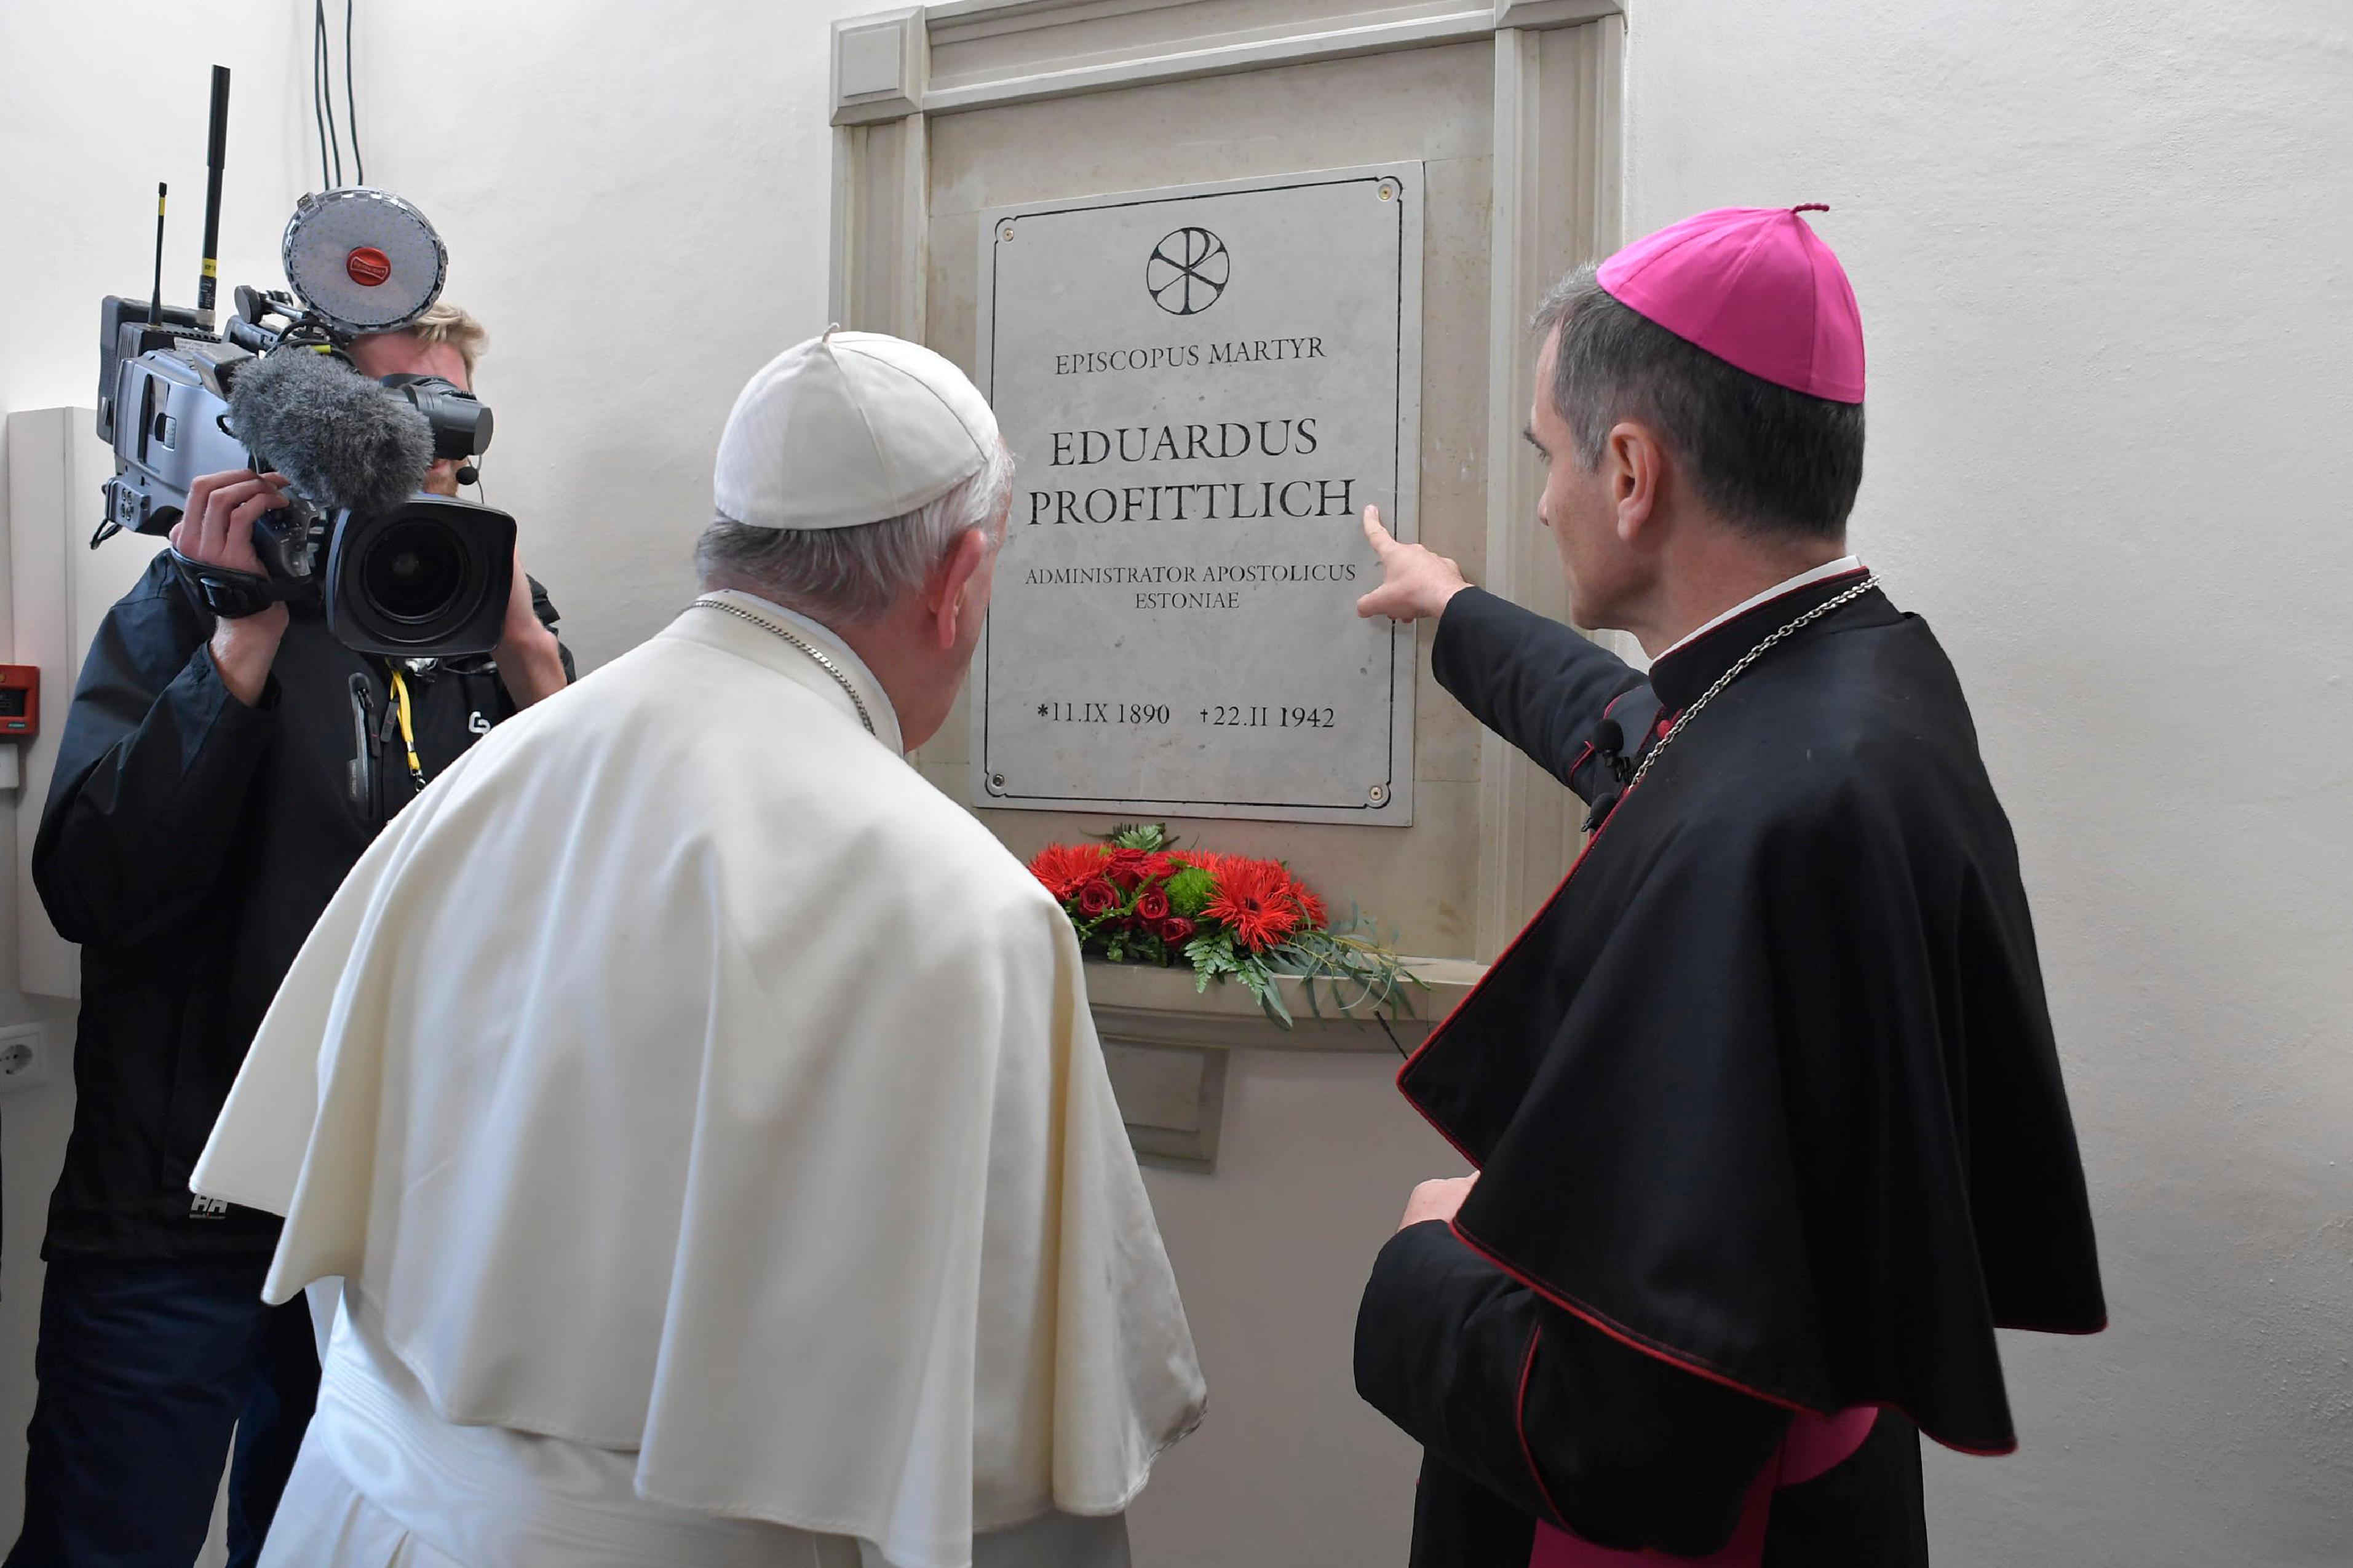 Cathédrale S. Pierre S. Paul de Tallinn, Estonie @ Vatican News